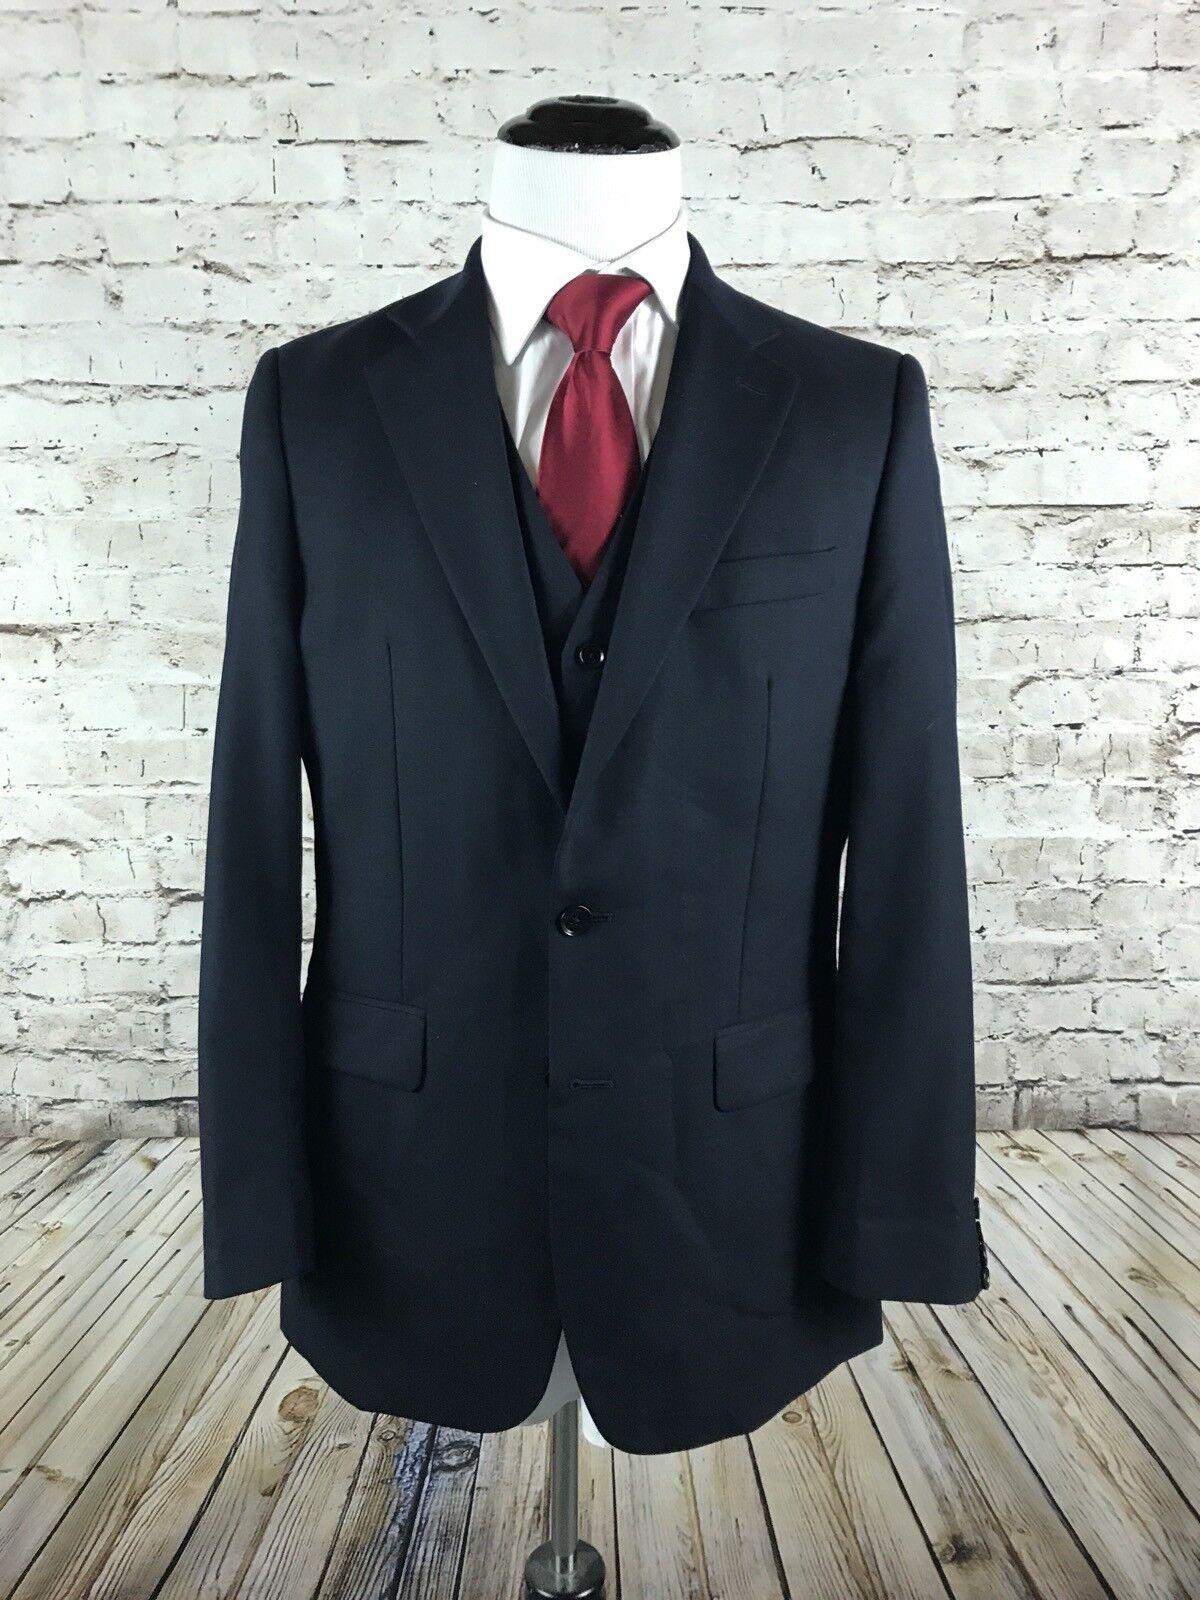 Charles Tyrwhitt Two Button Sport Coat and Vest Größe 40L Dark Blau Wool